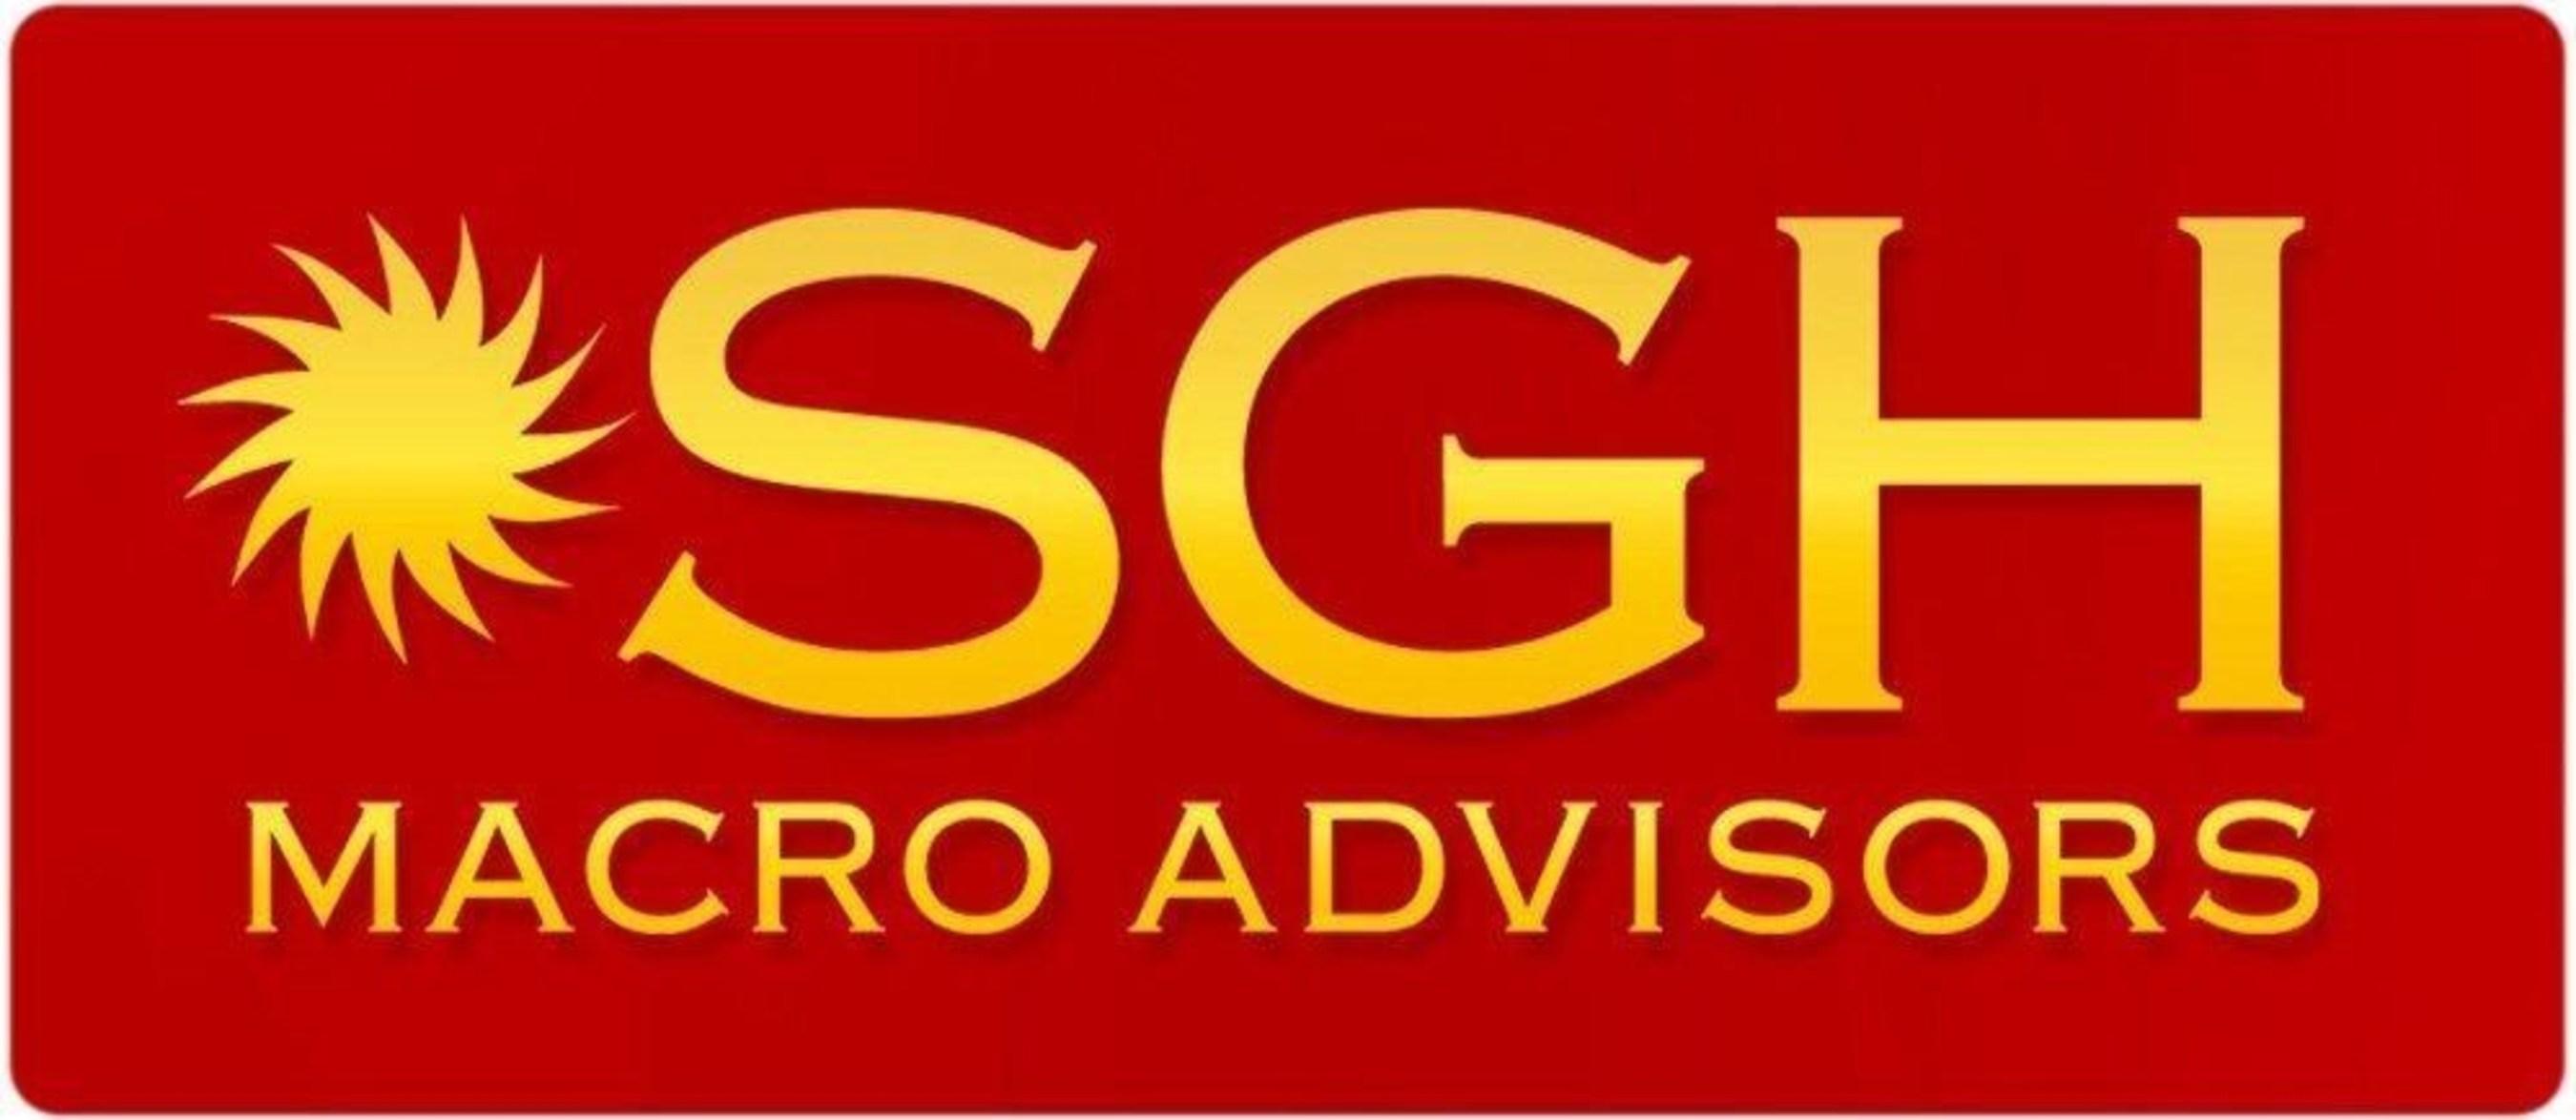 www.sghmacro.com